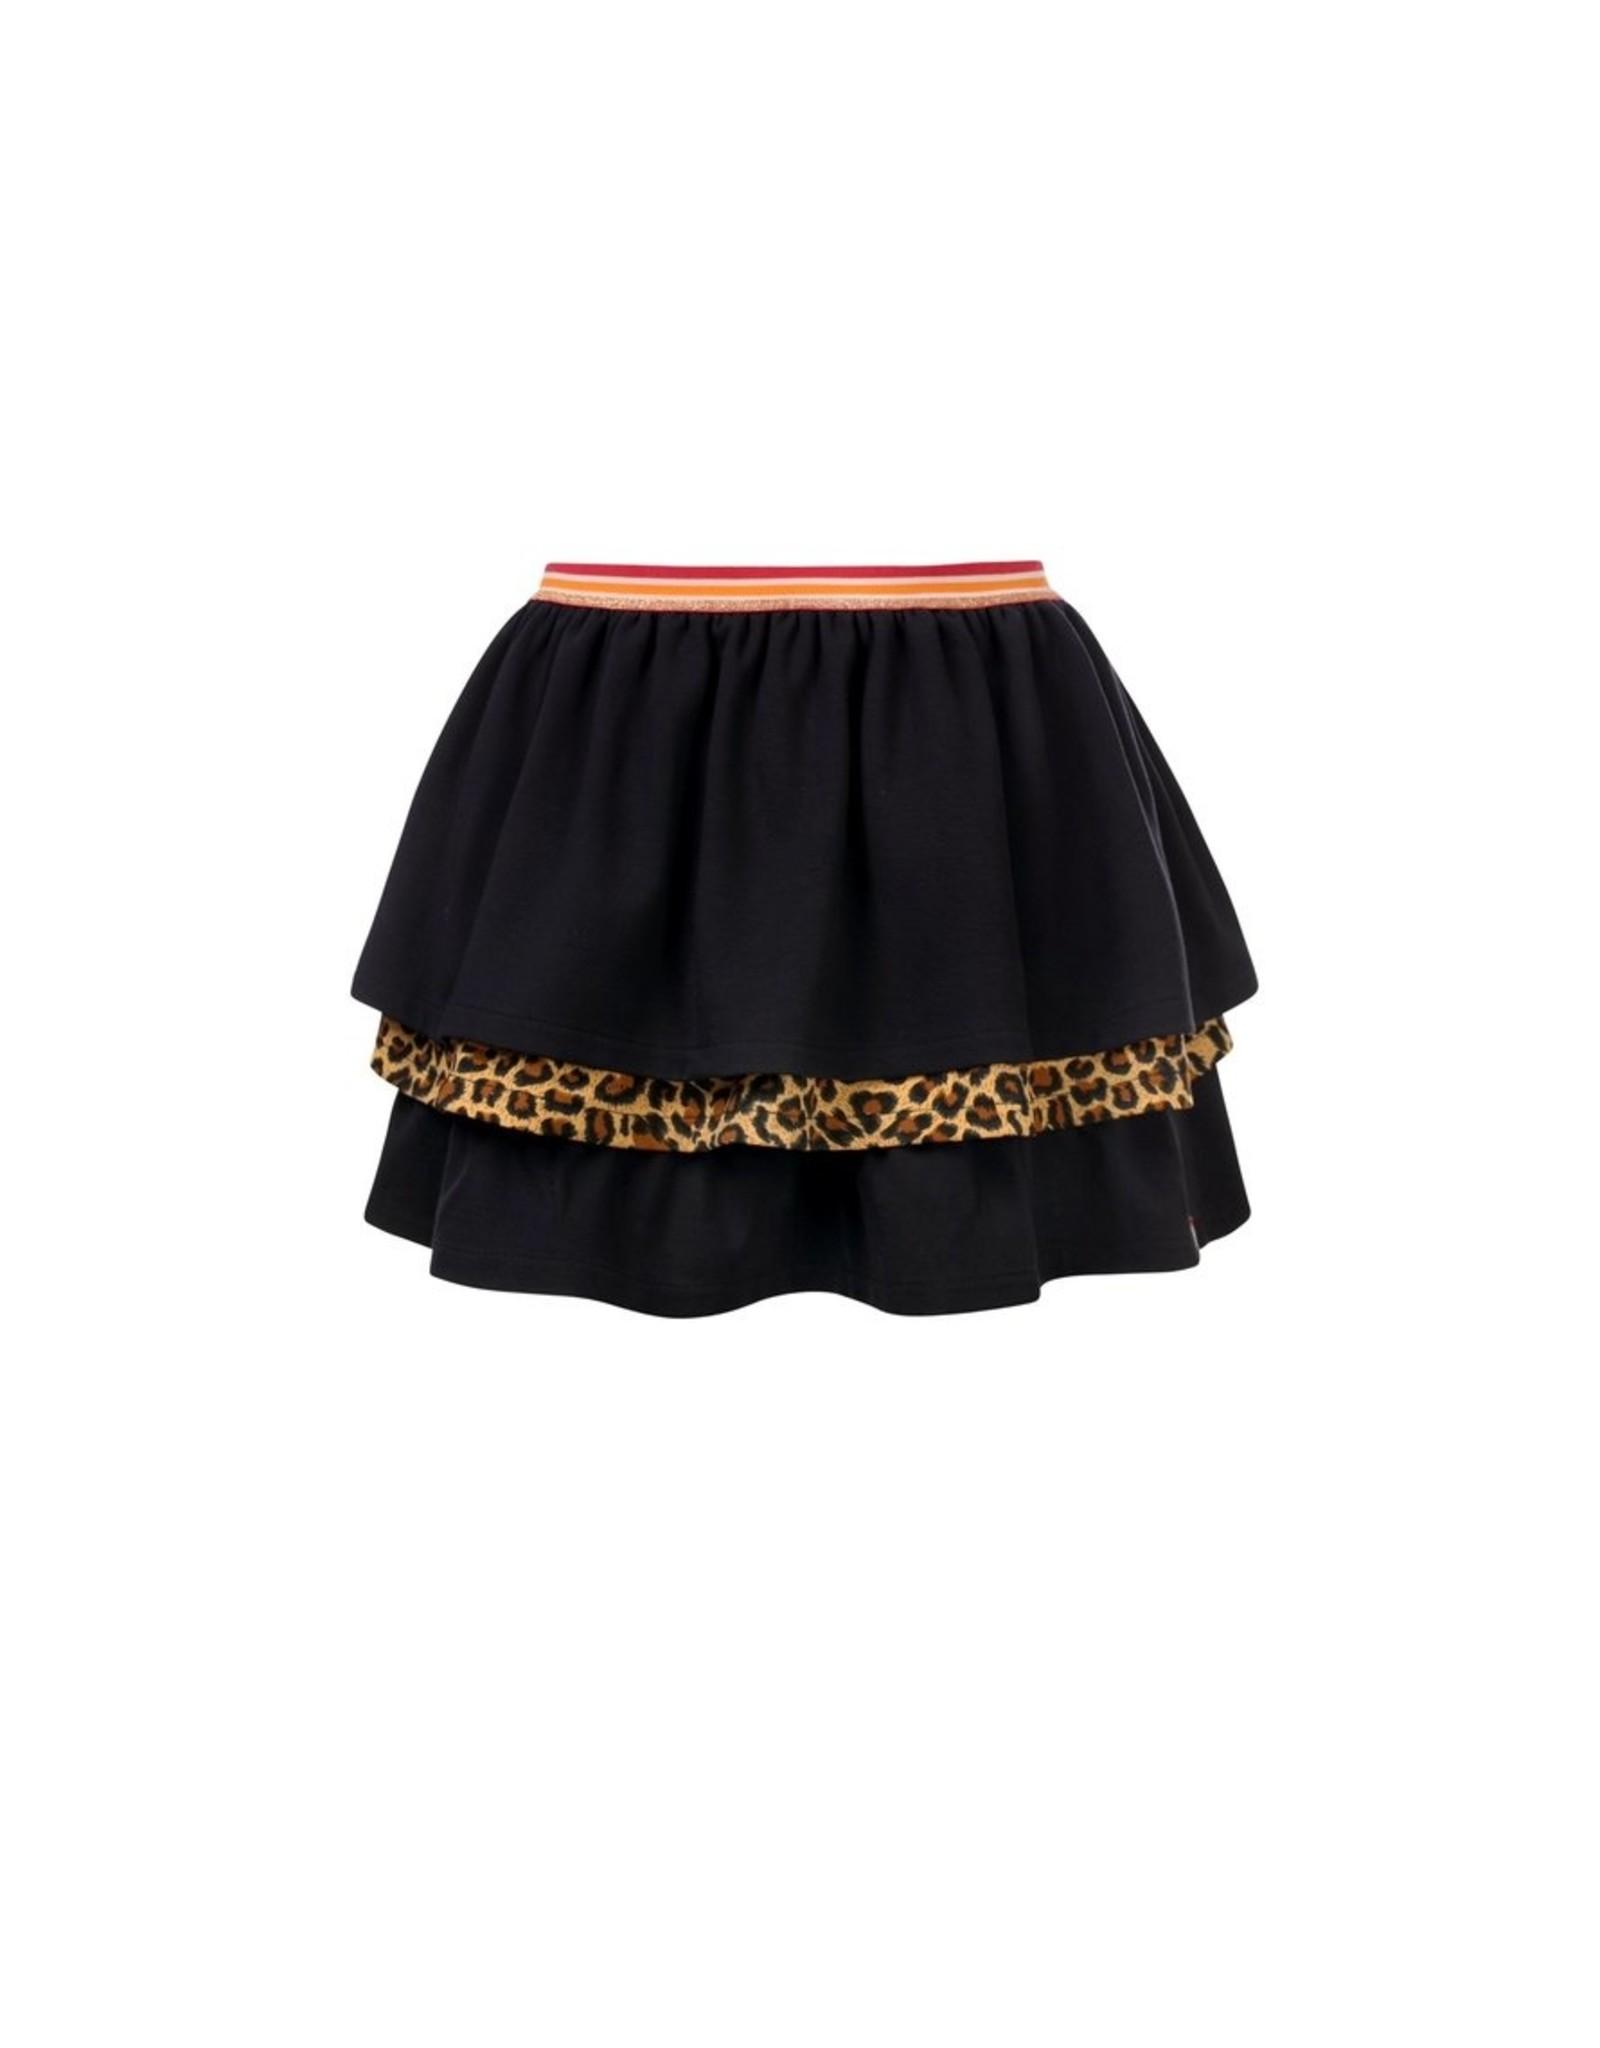 LOOXS Little Little 3 layered skirt, navy